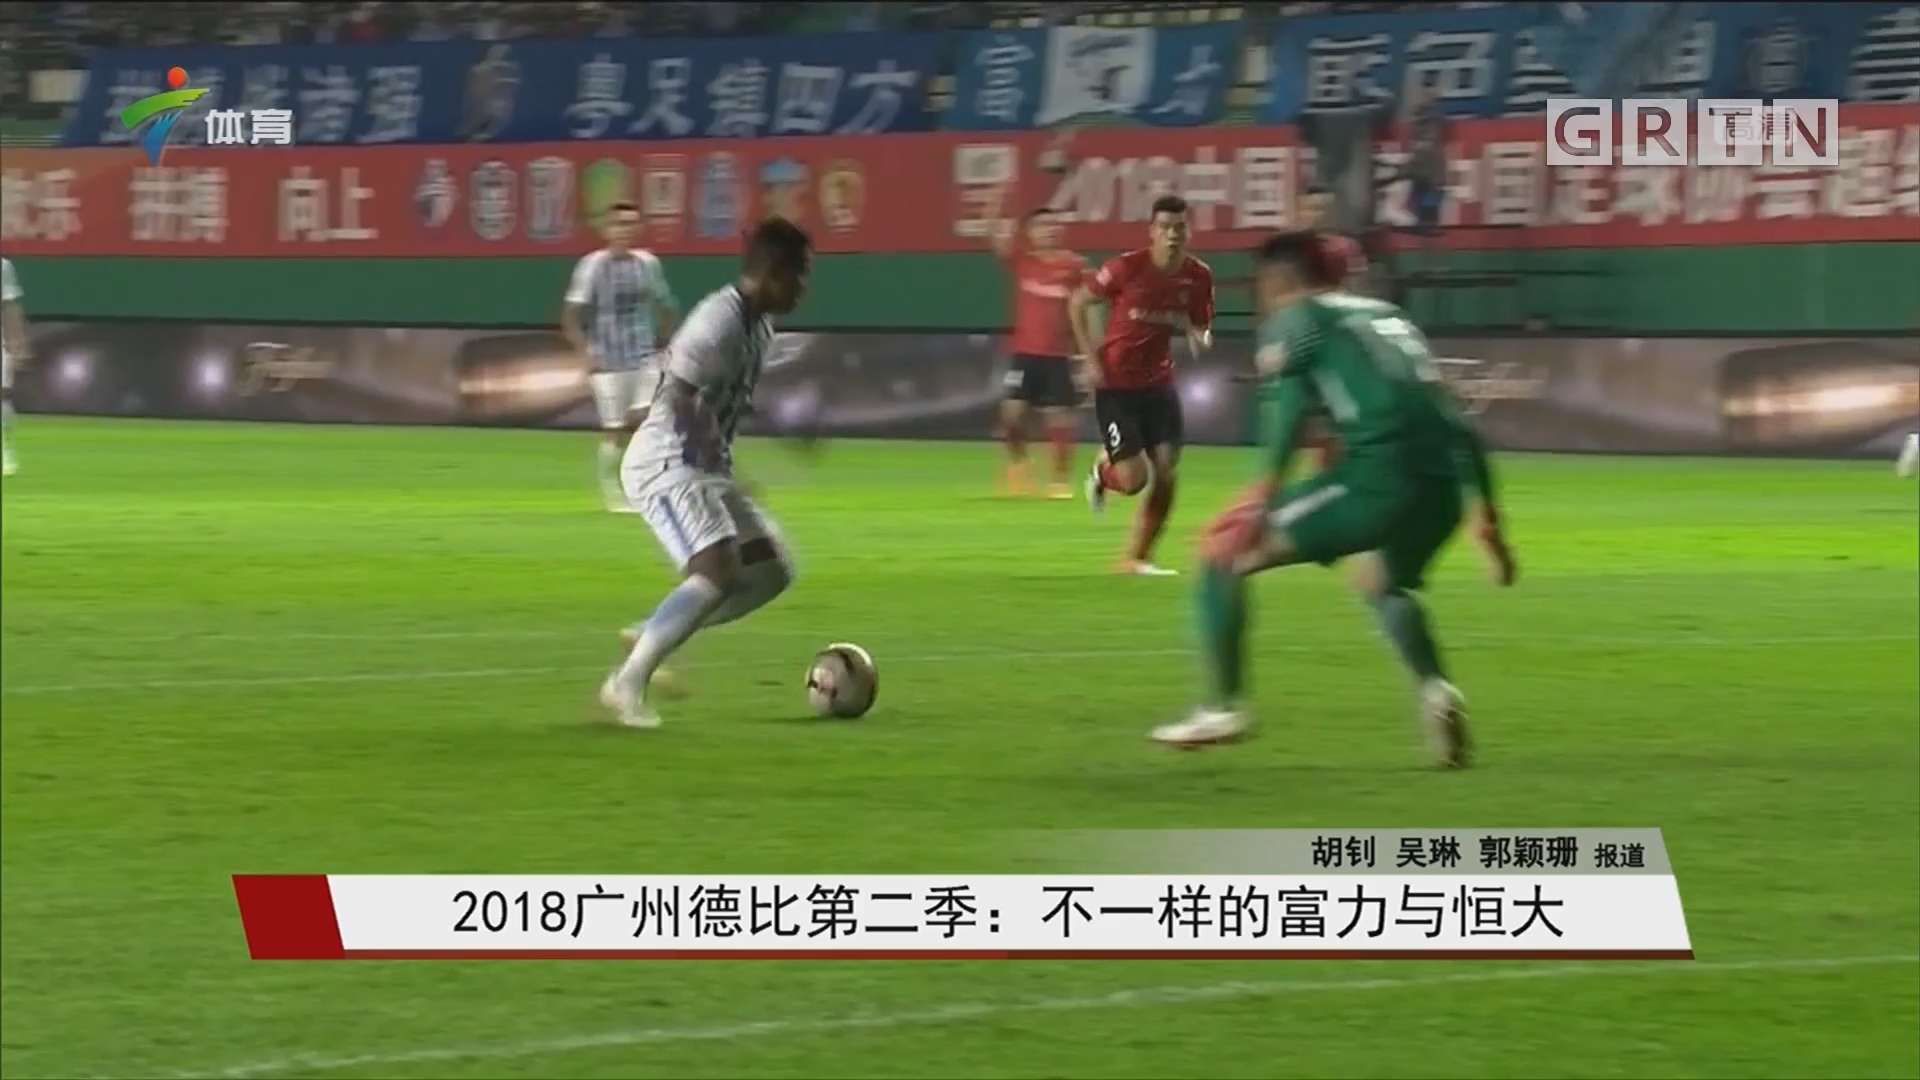 2018广州德比第二季:不一样的富力与恒大